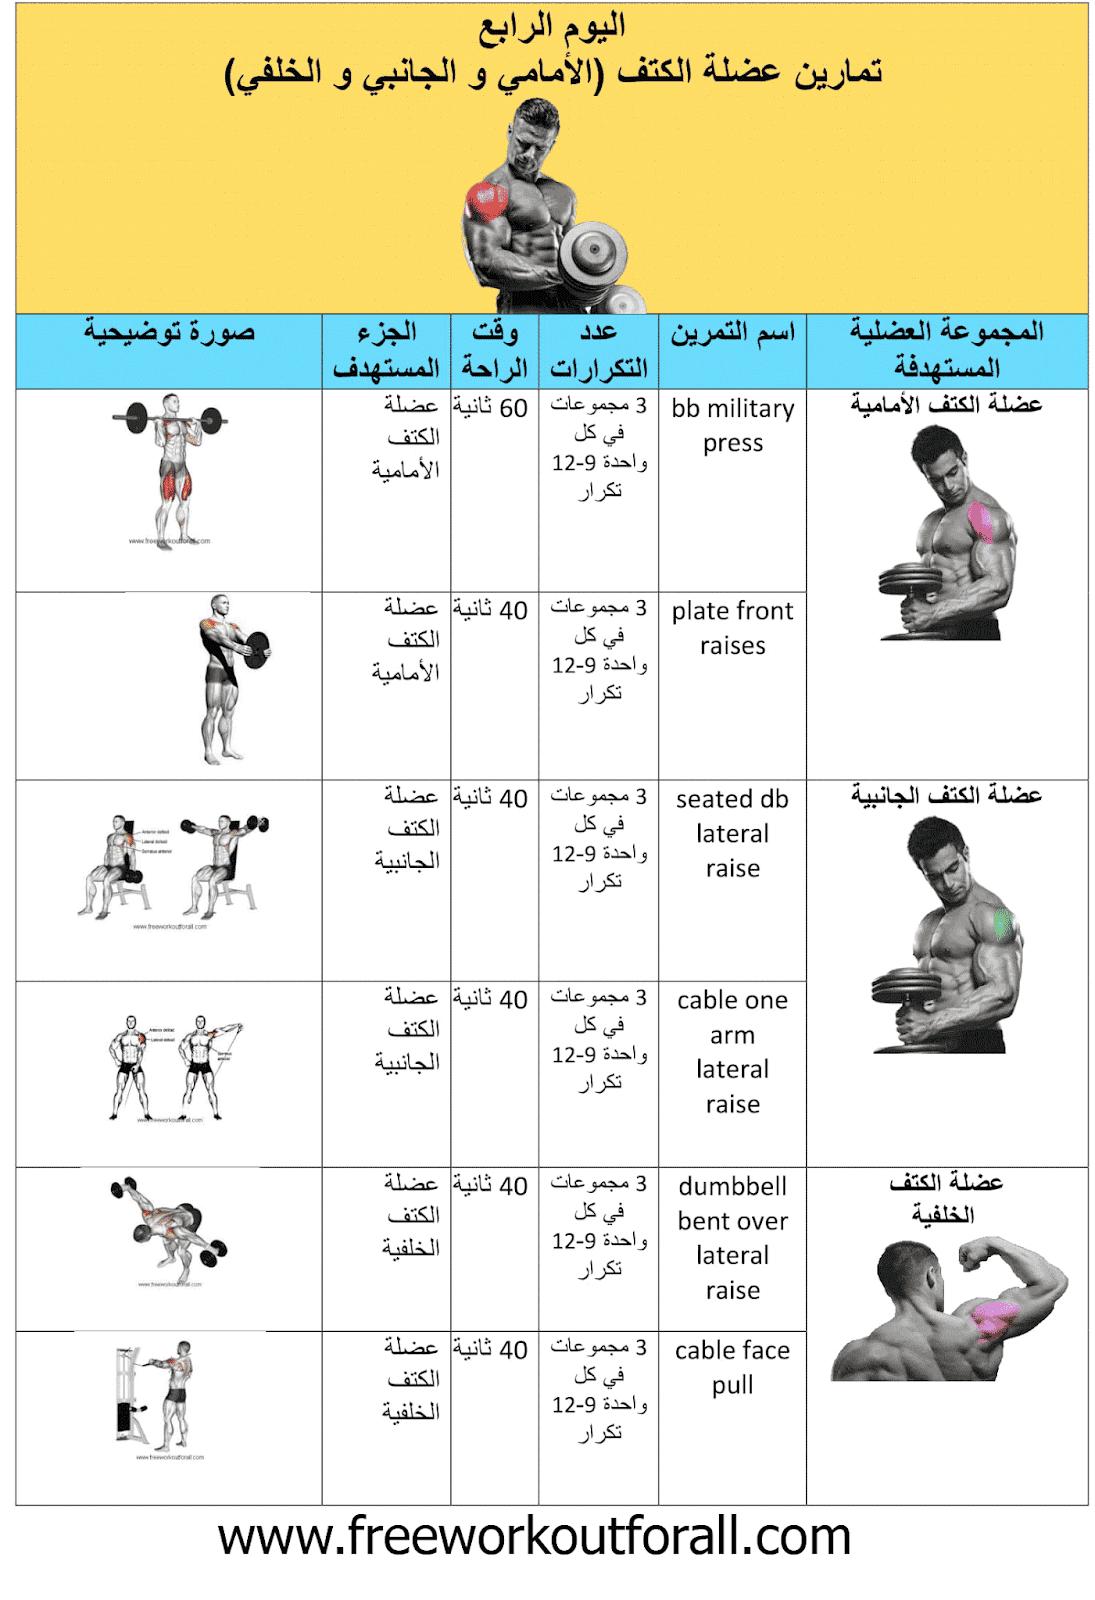 جدول تمارين كمال الاجسام 5 ايام Workout Schedule Gym Workout Chart Gym Schedule